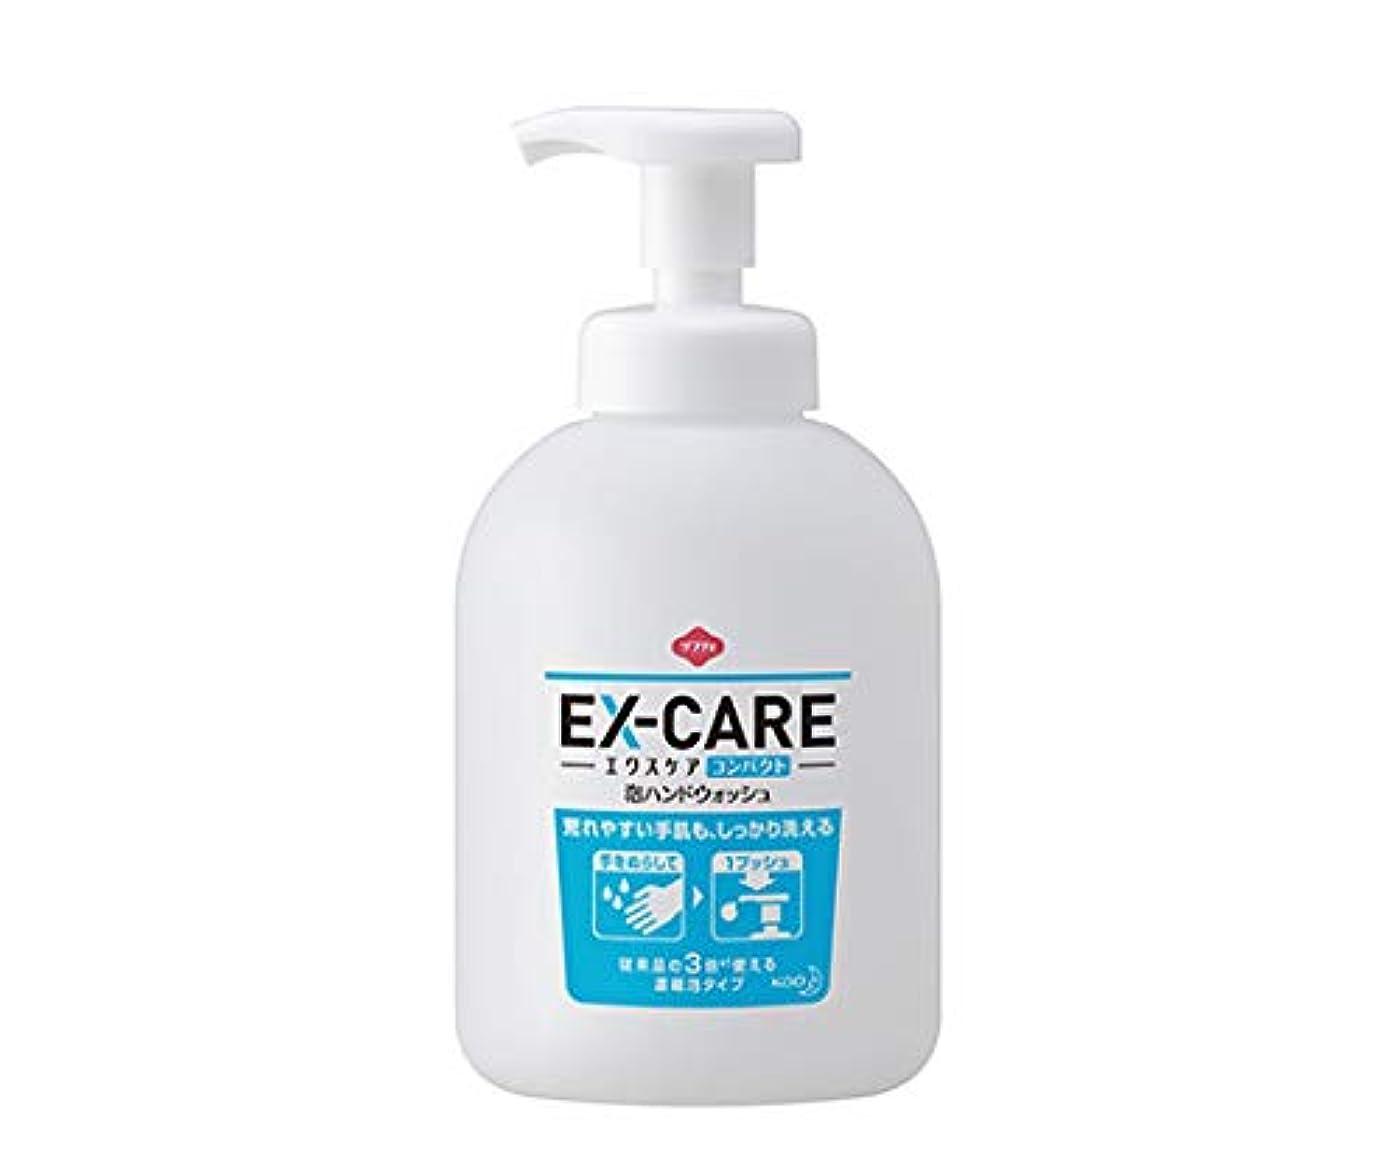 パワー不条理ほぼ花王 ソフティ EX‐CARE(エクスケア) コンパクト泡ハンドウォッシュ 500mL×6本